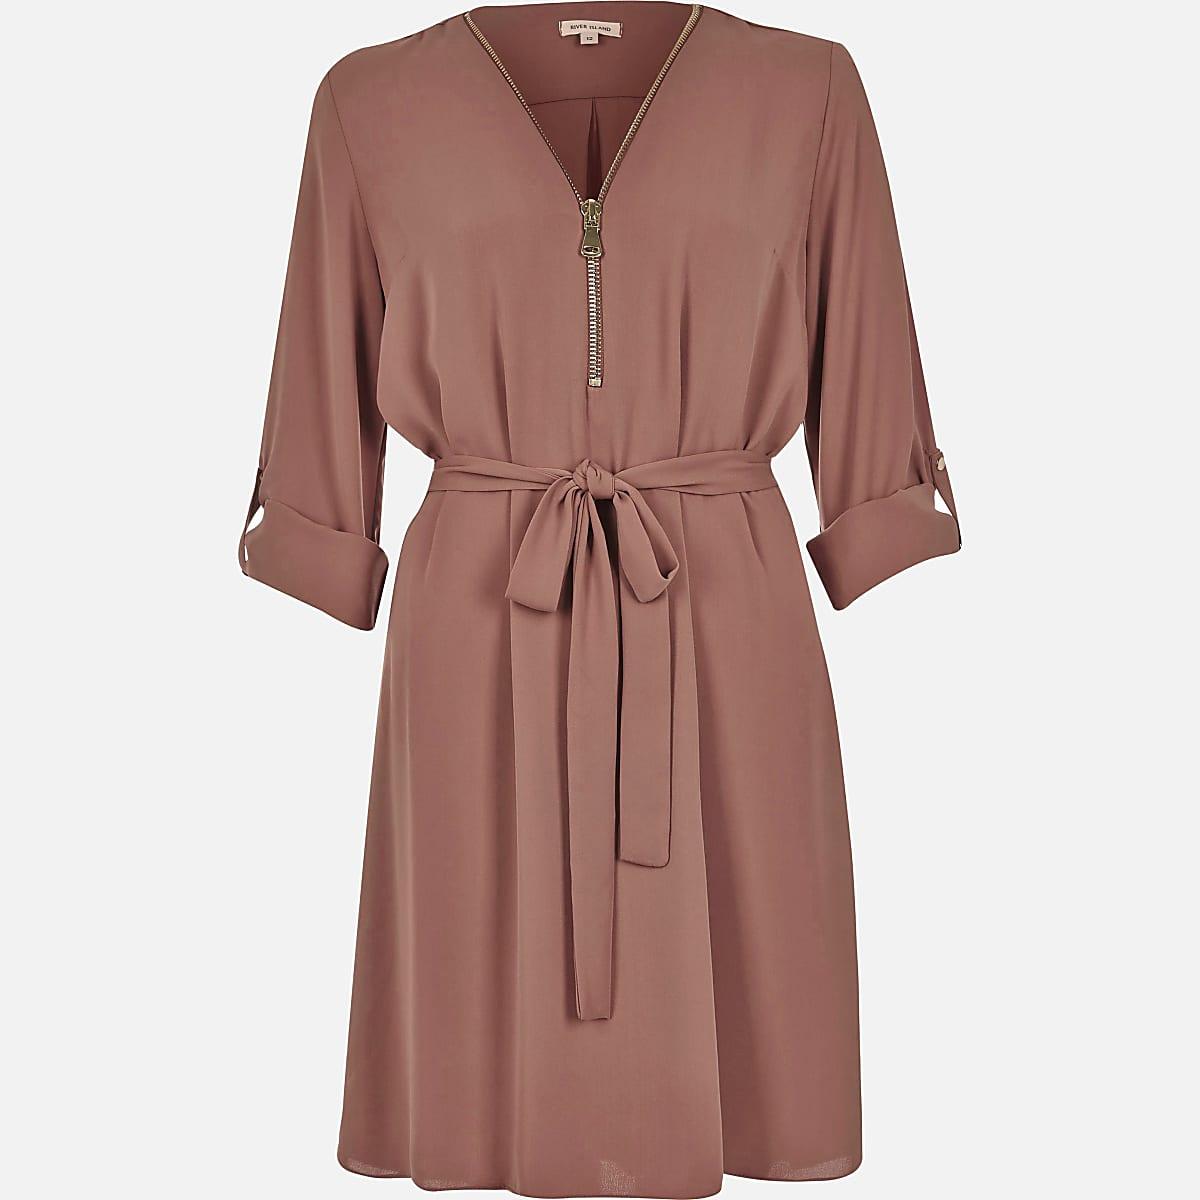 Pink zip-up shirt dress